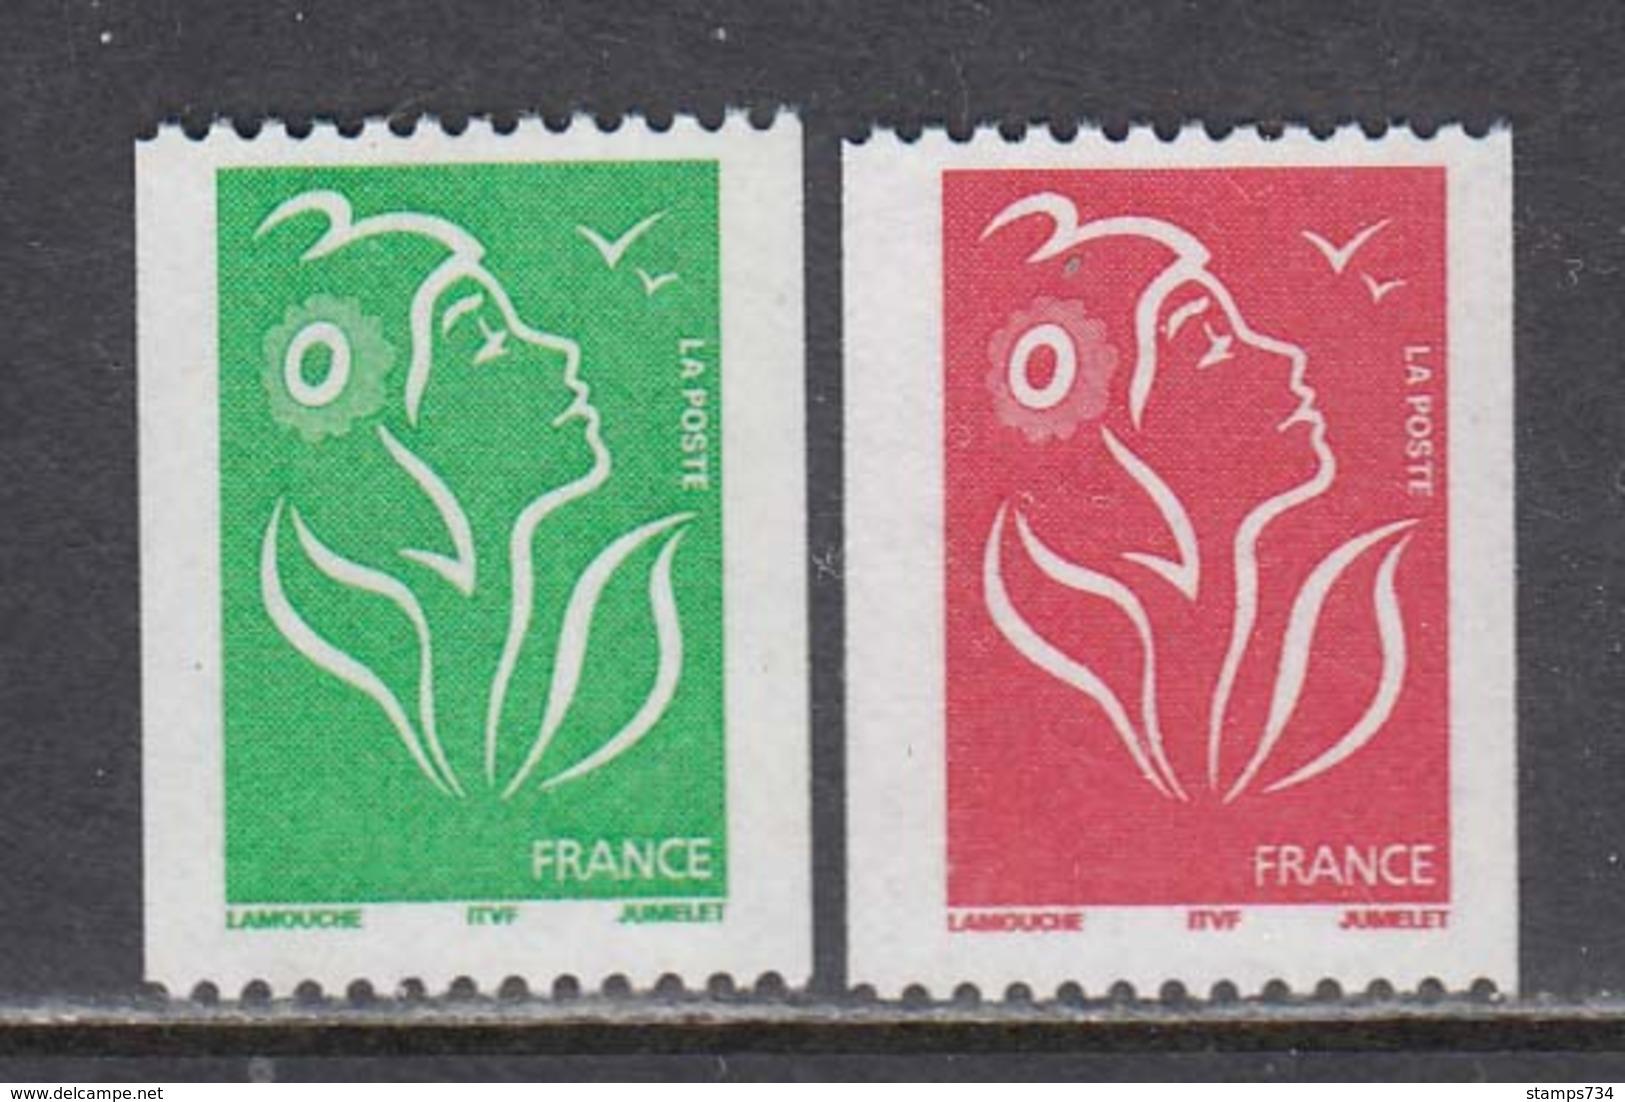 France 2005 - Serie Courante:Marianne(Lamouche), 2 V.,YT 3742/43, Neufs** - France